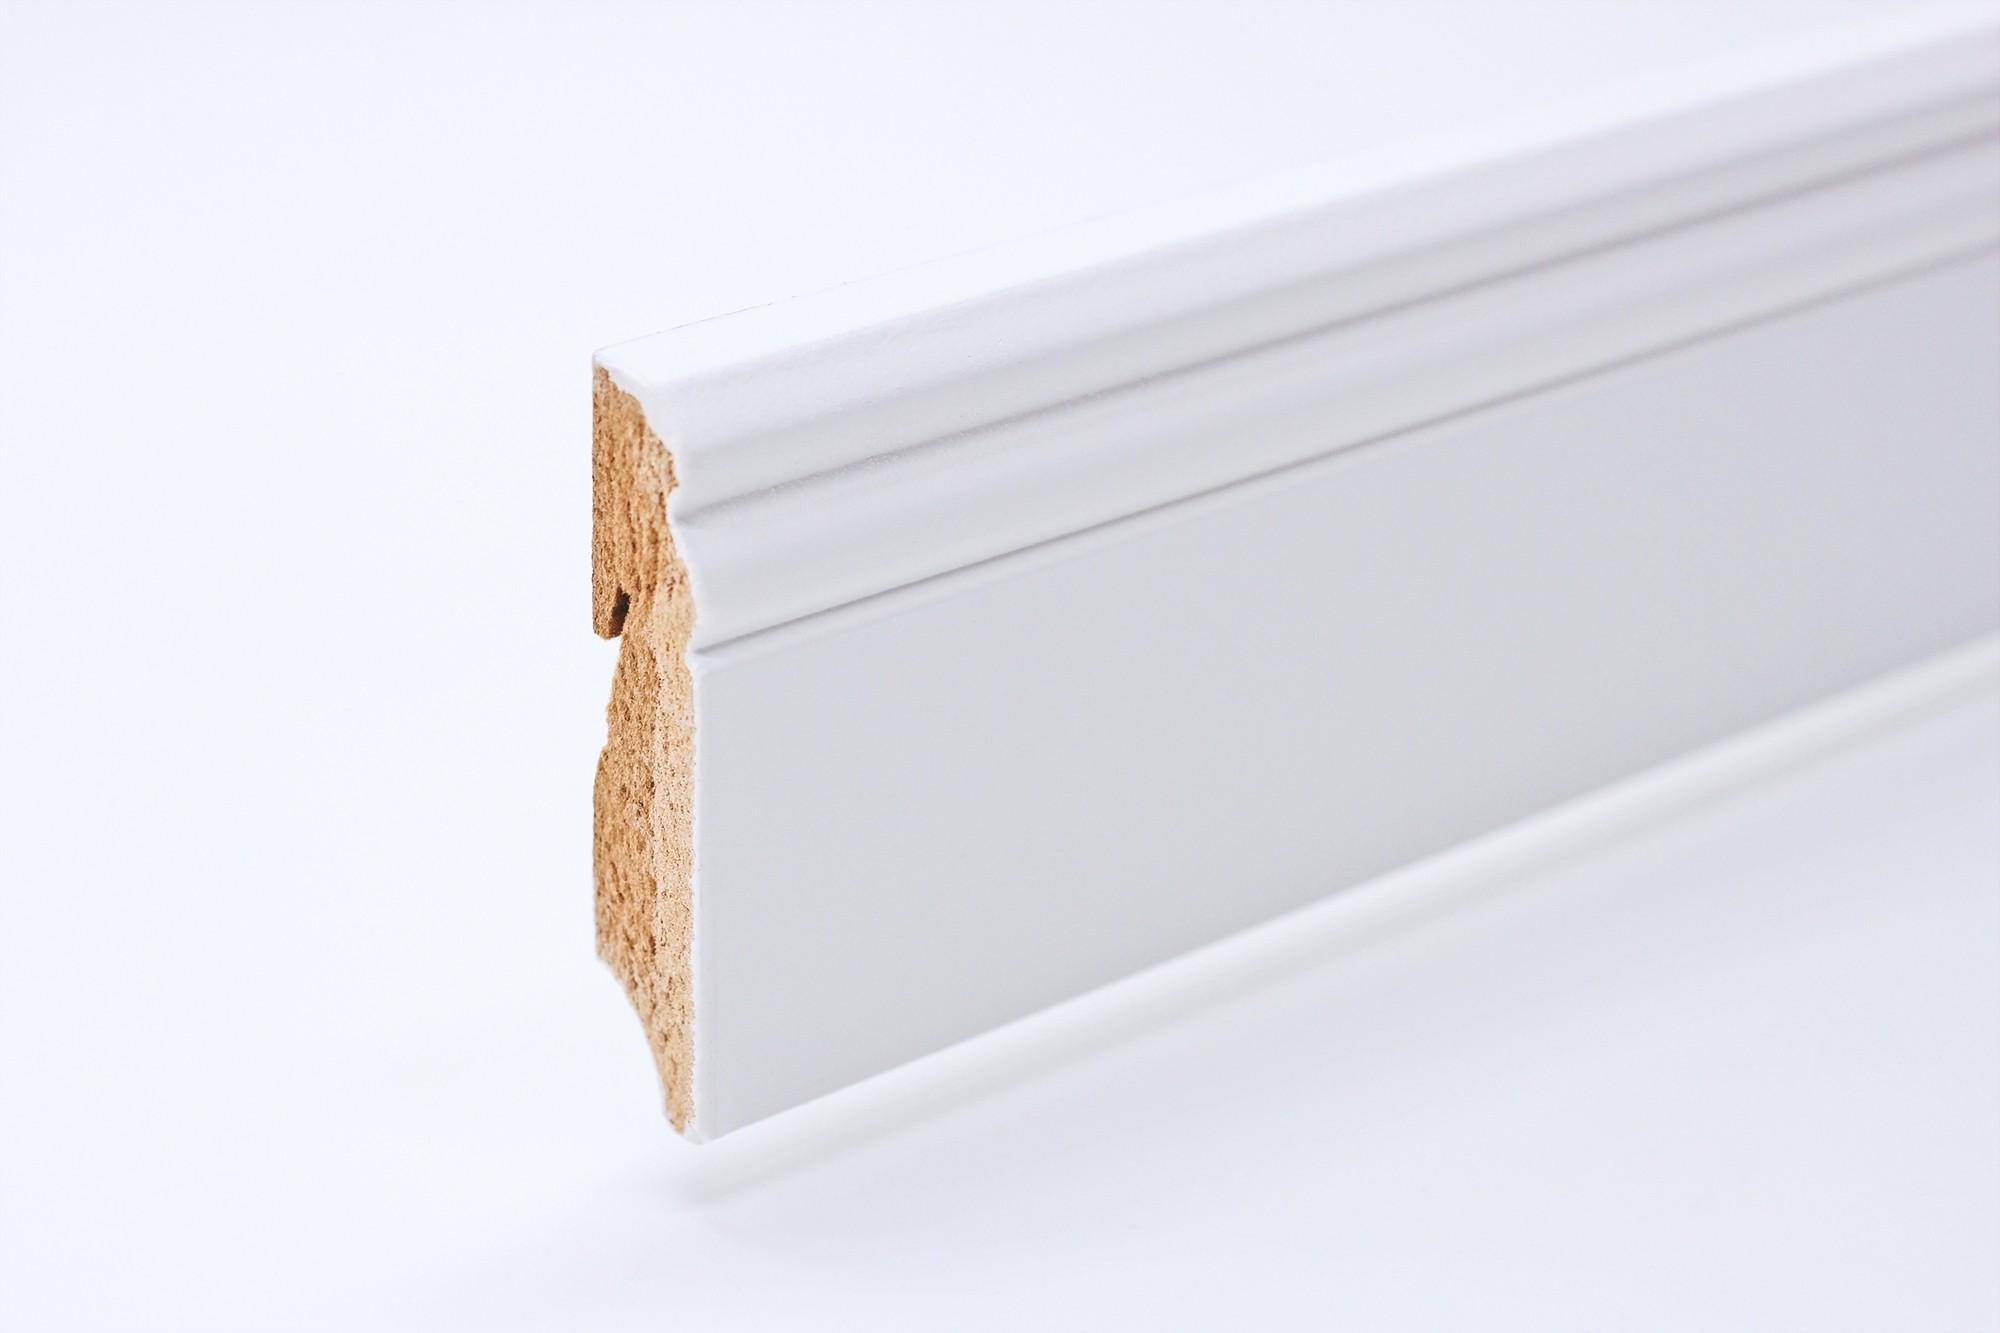 Sockelleiste (2400 x 18 x 80) Altdeutsch weiß lackiert - Interio